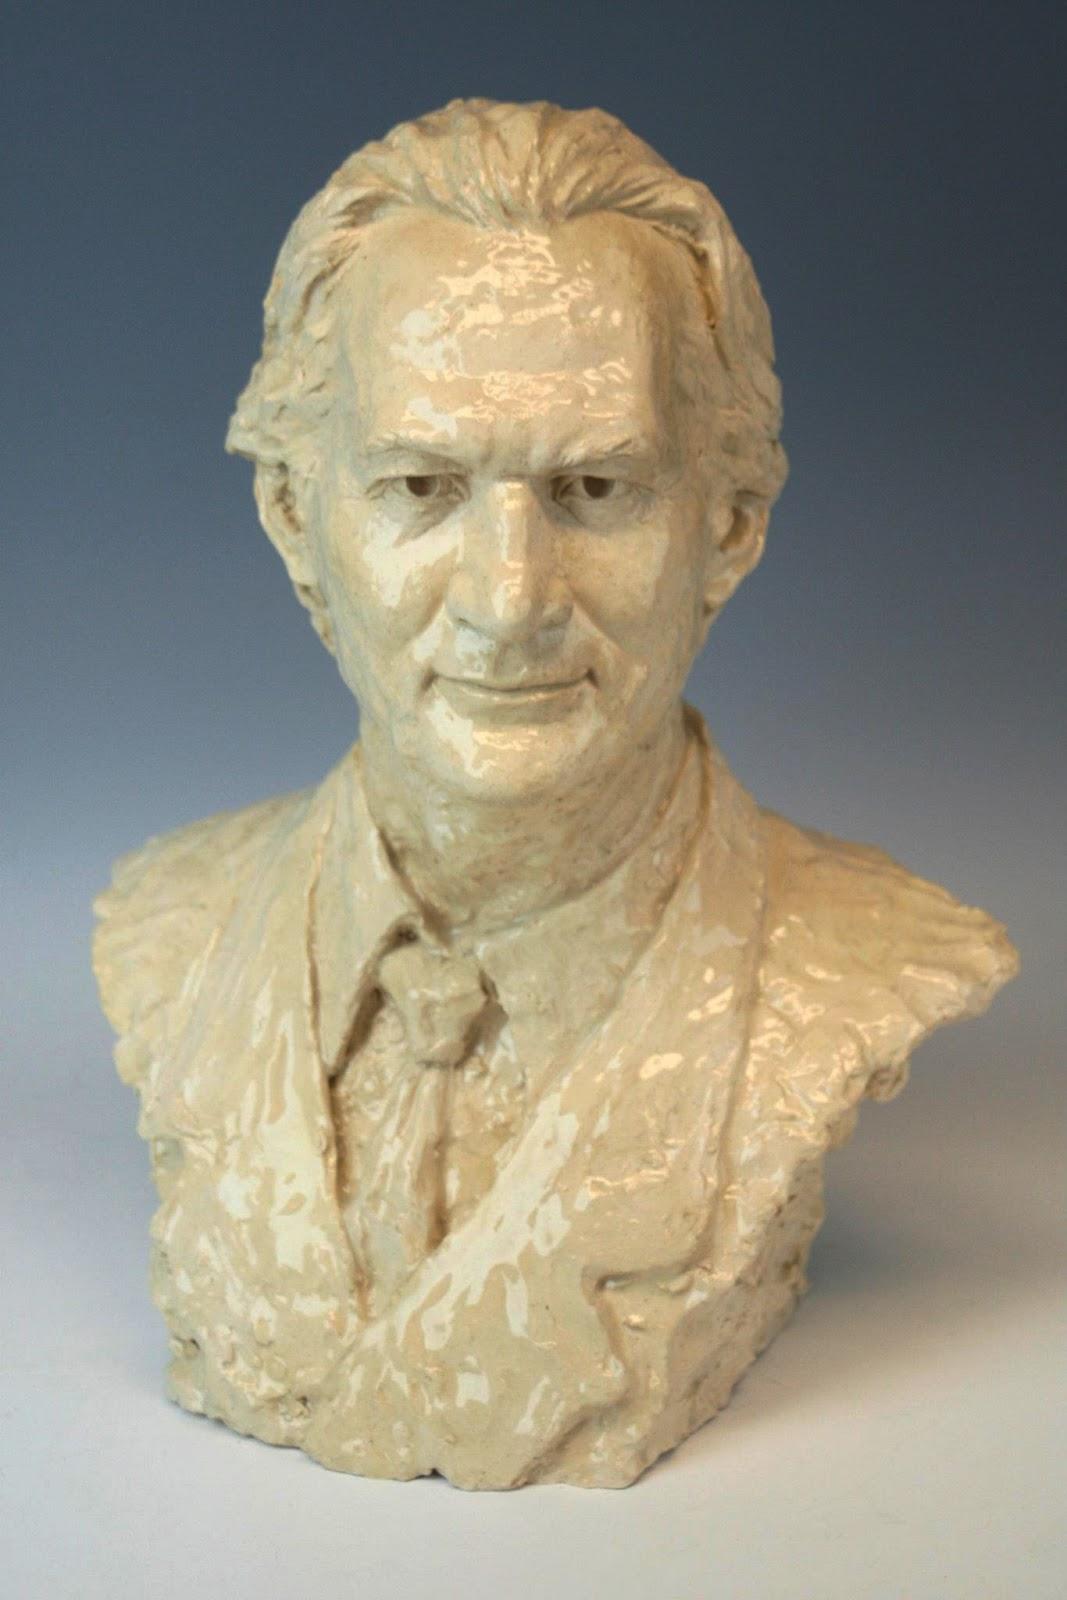 GV Sculpture: Ceramic Portraits